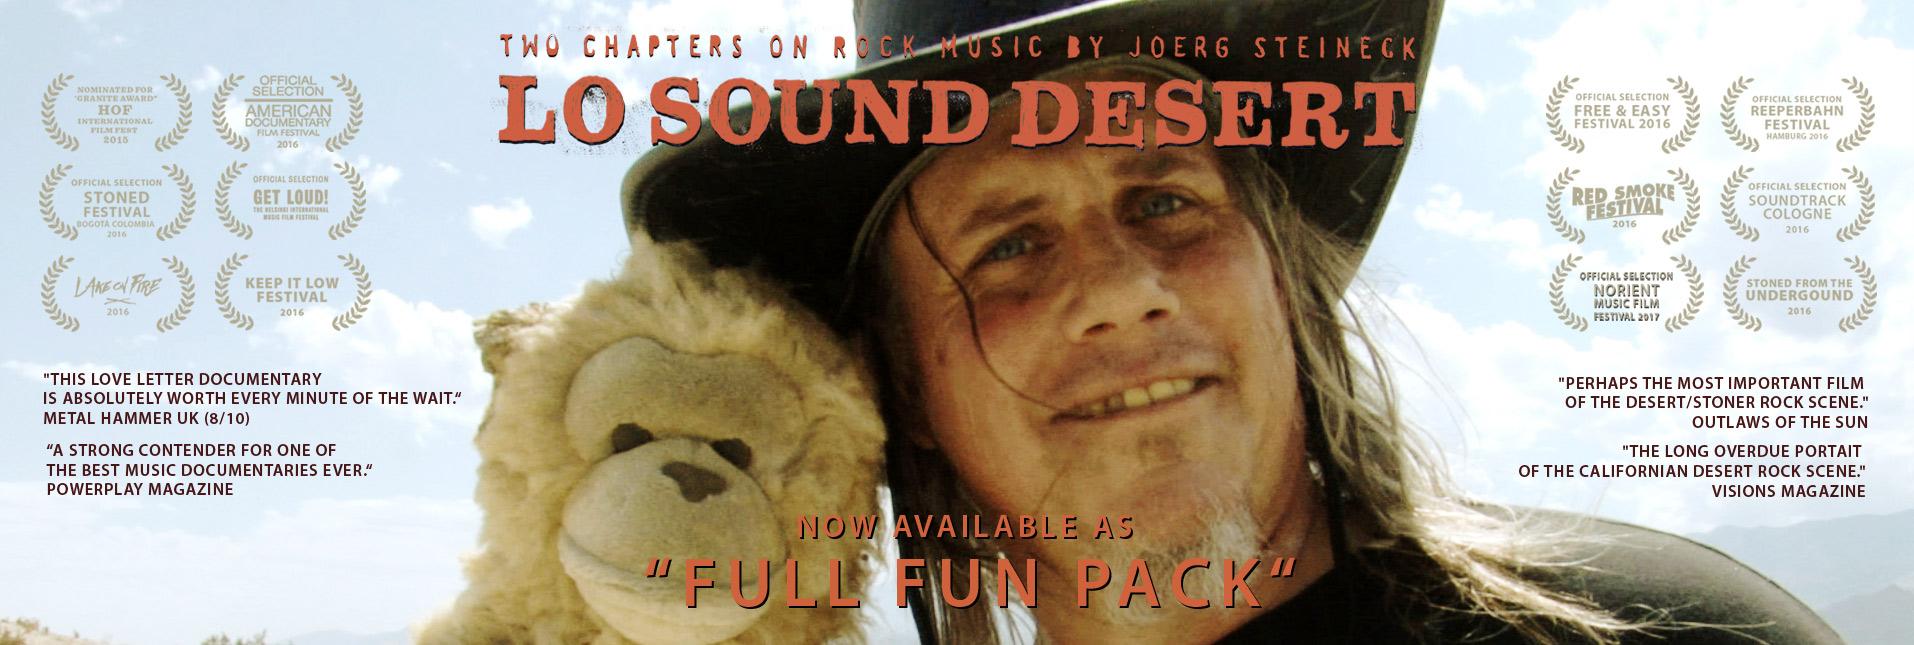 Order Lo Sound Desert